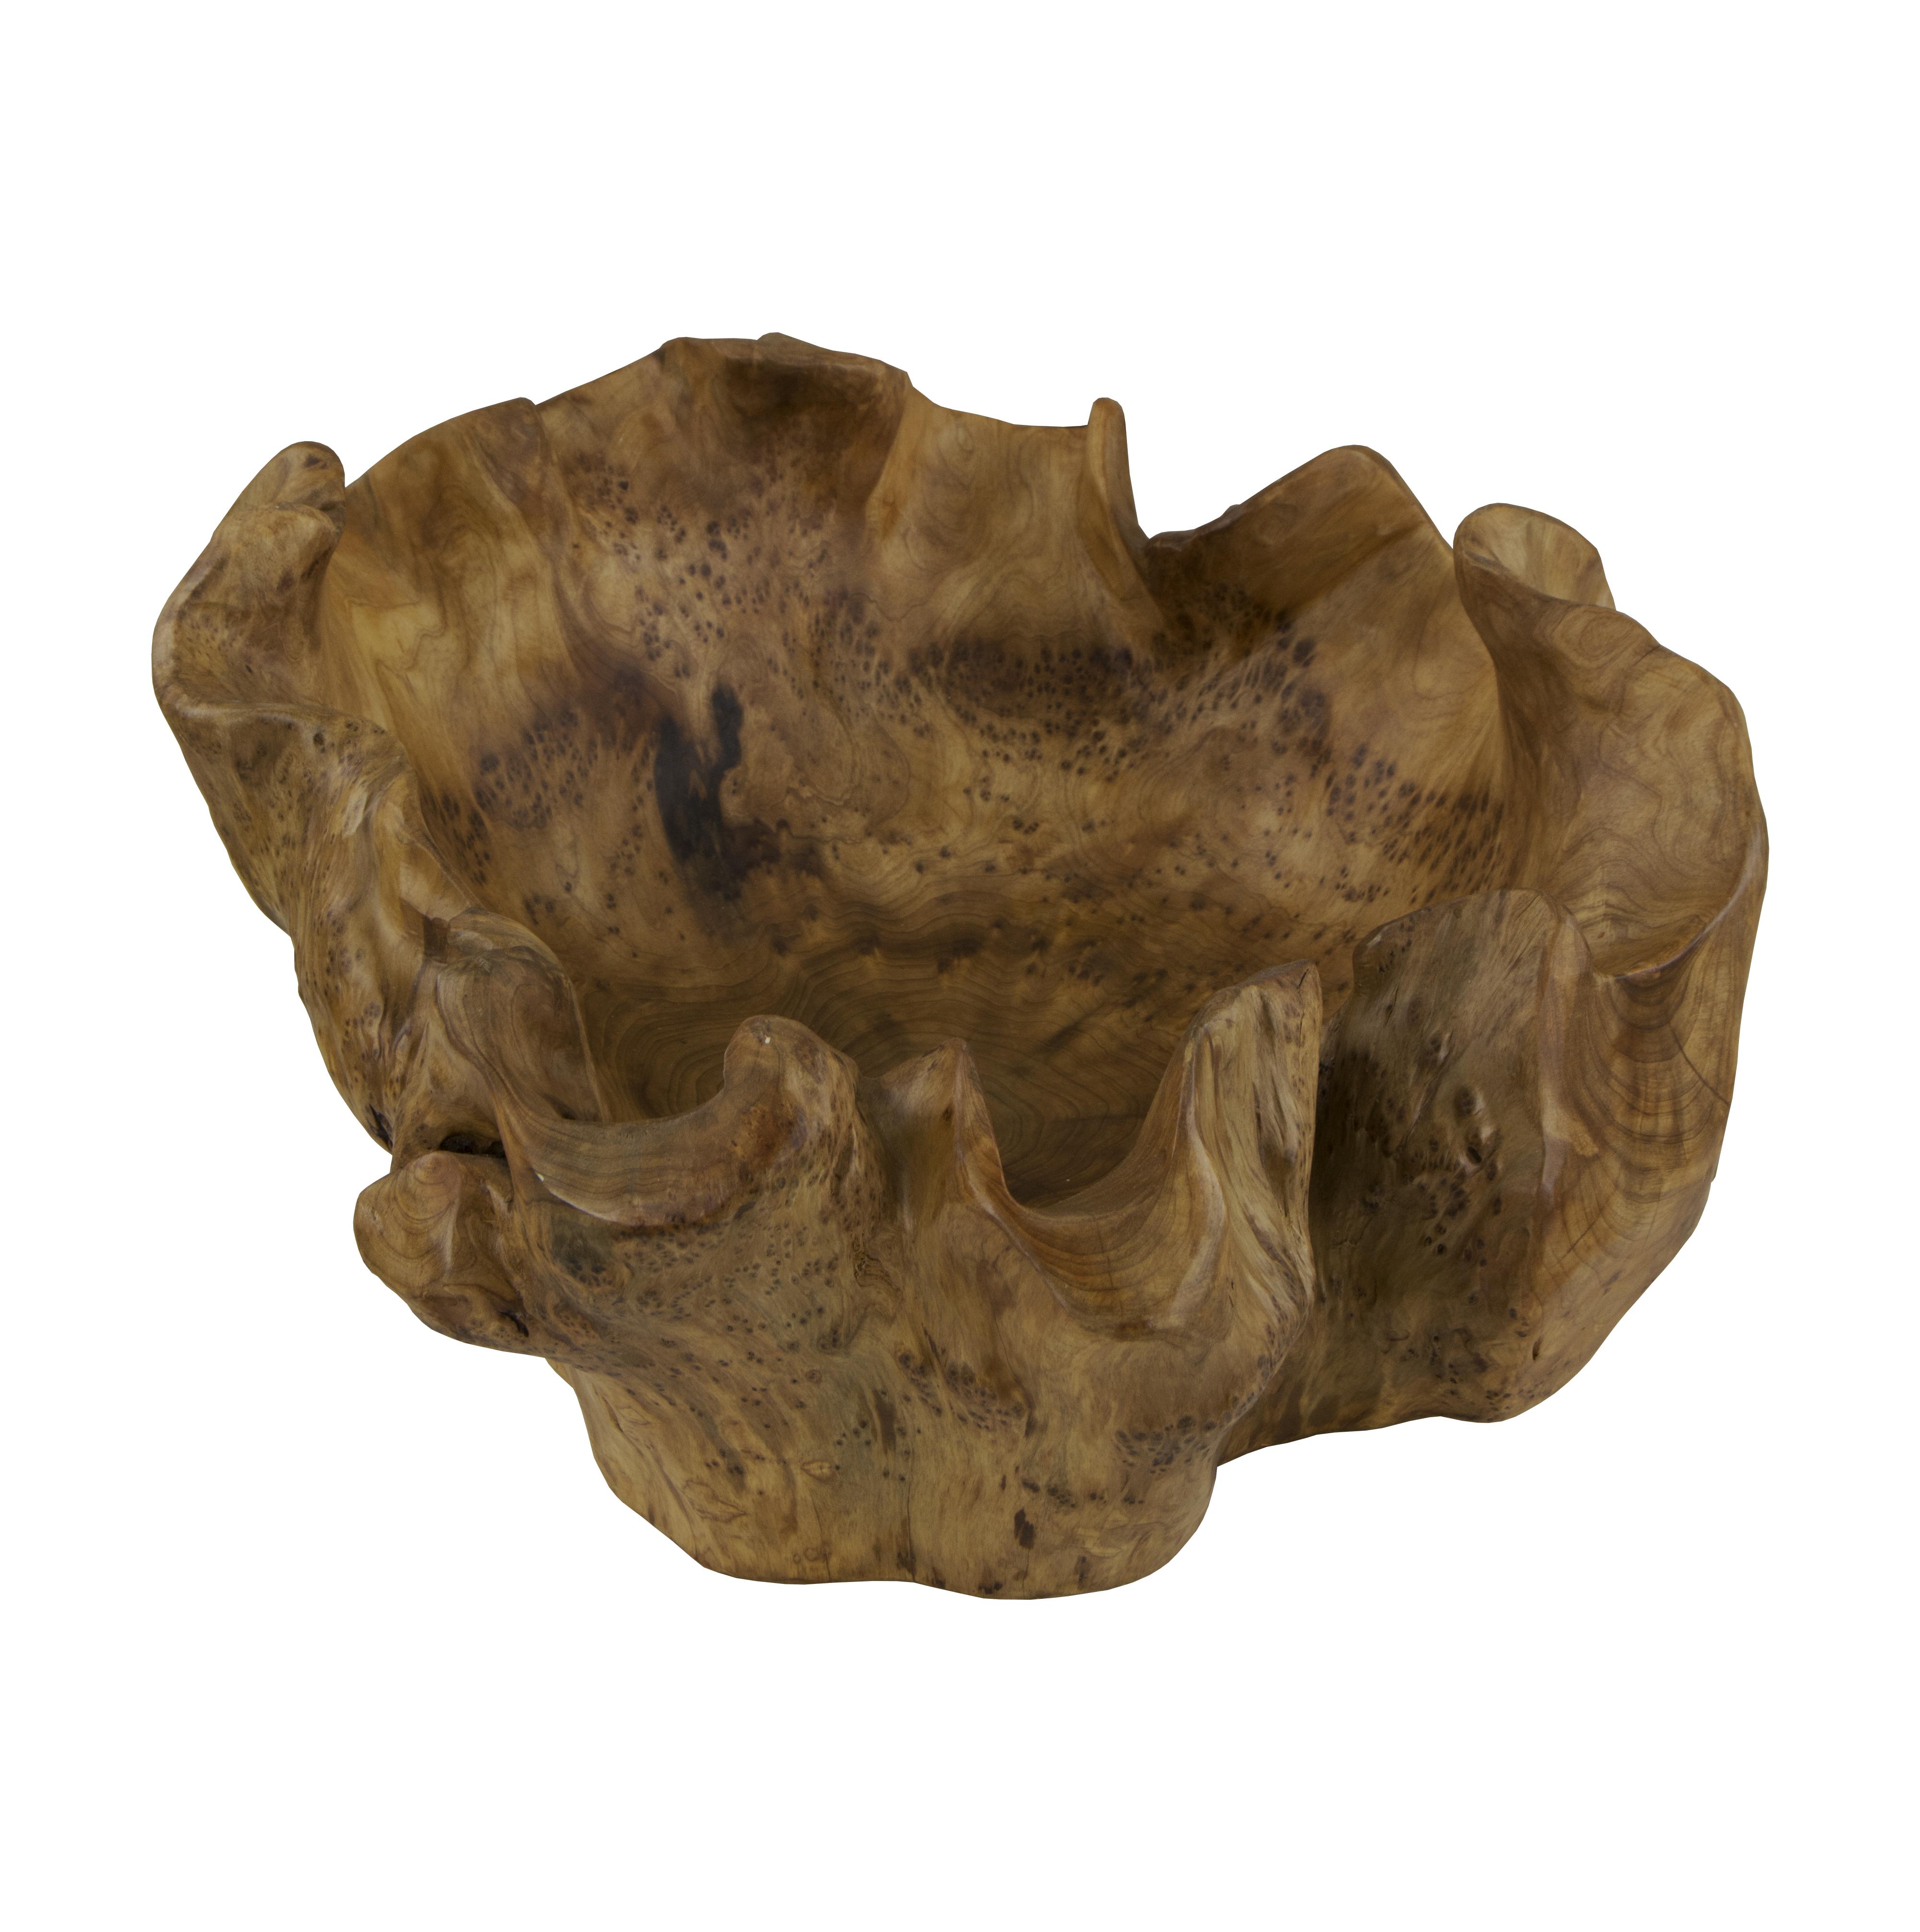 lotus-bowl-2.jpg